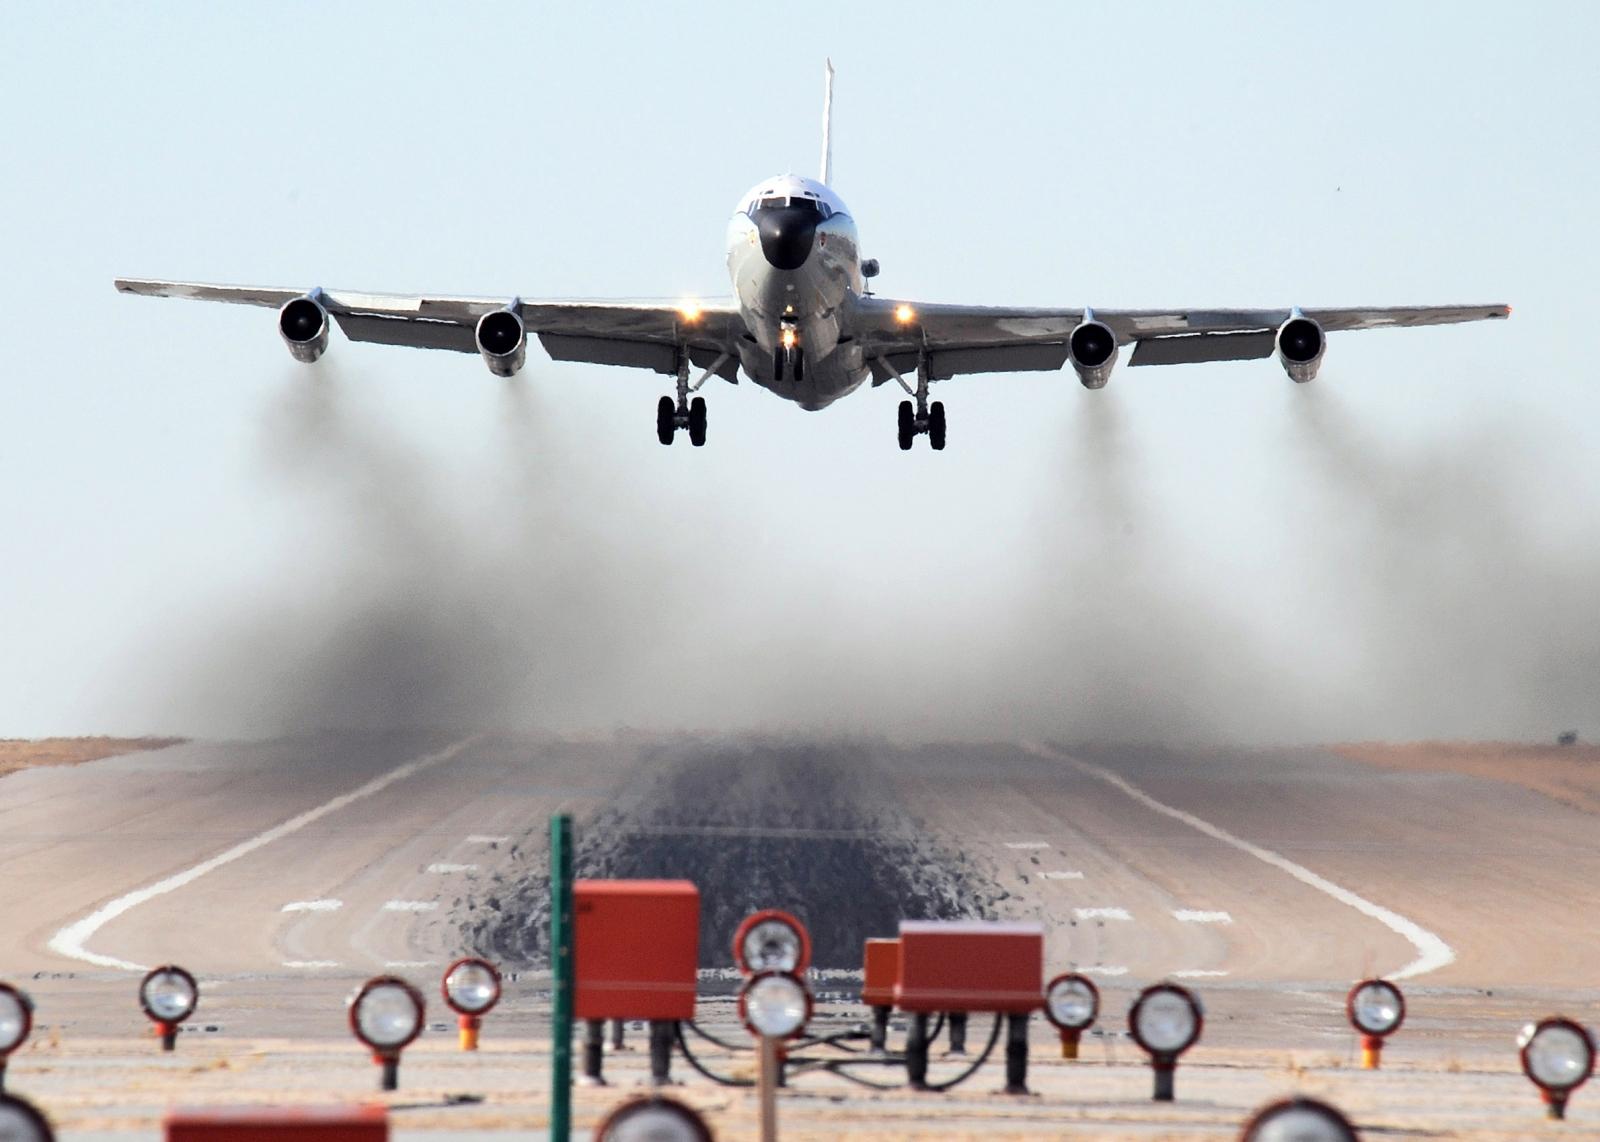 A WC-135W Constant Phoenix aircraft